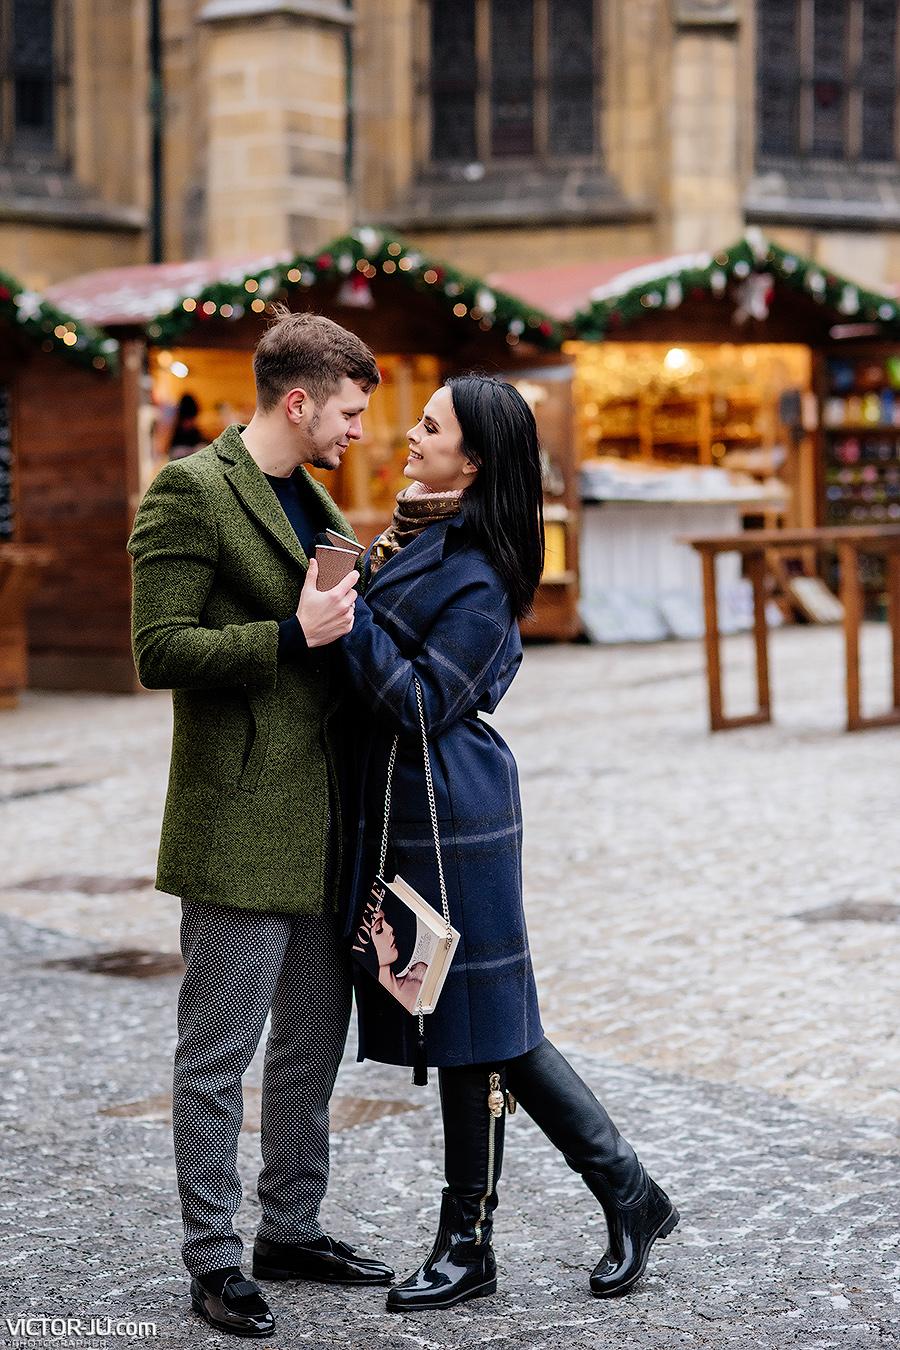 Рождественская фотосессия в Праге